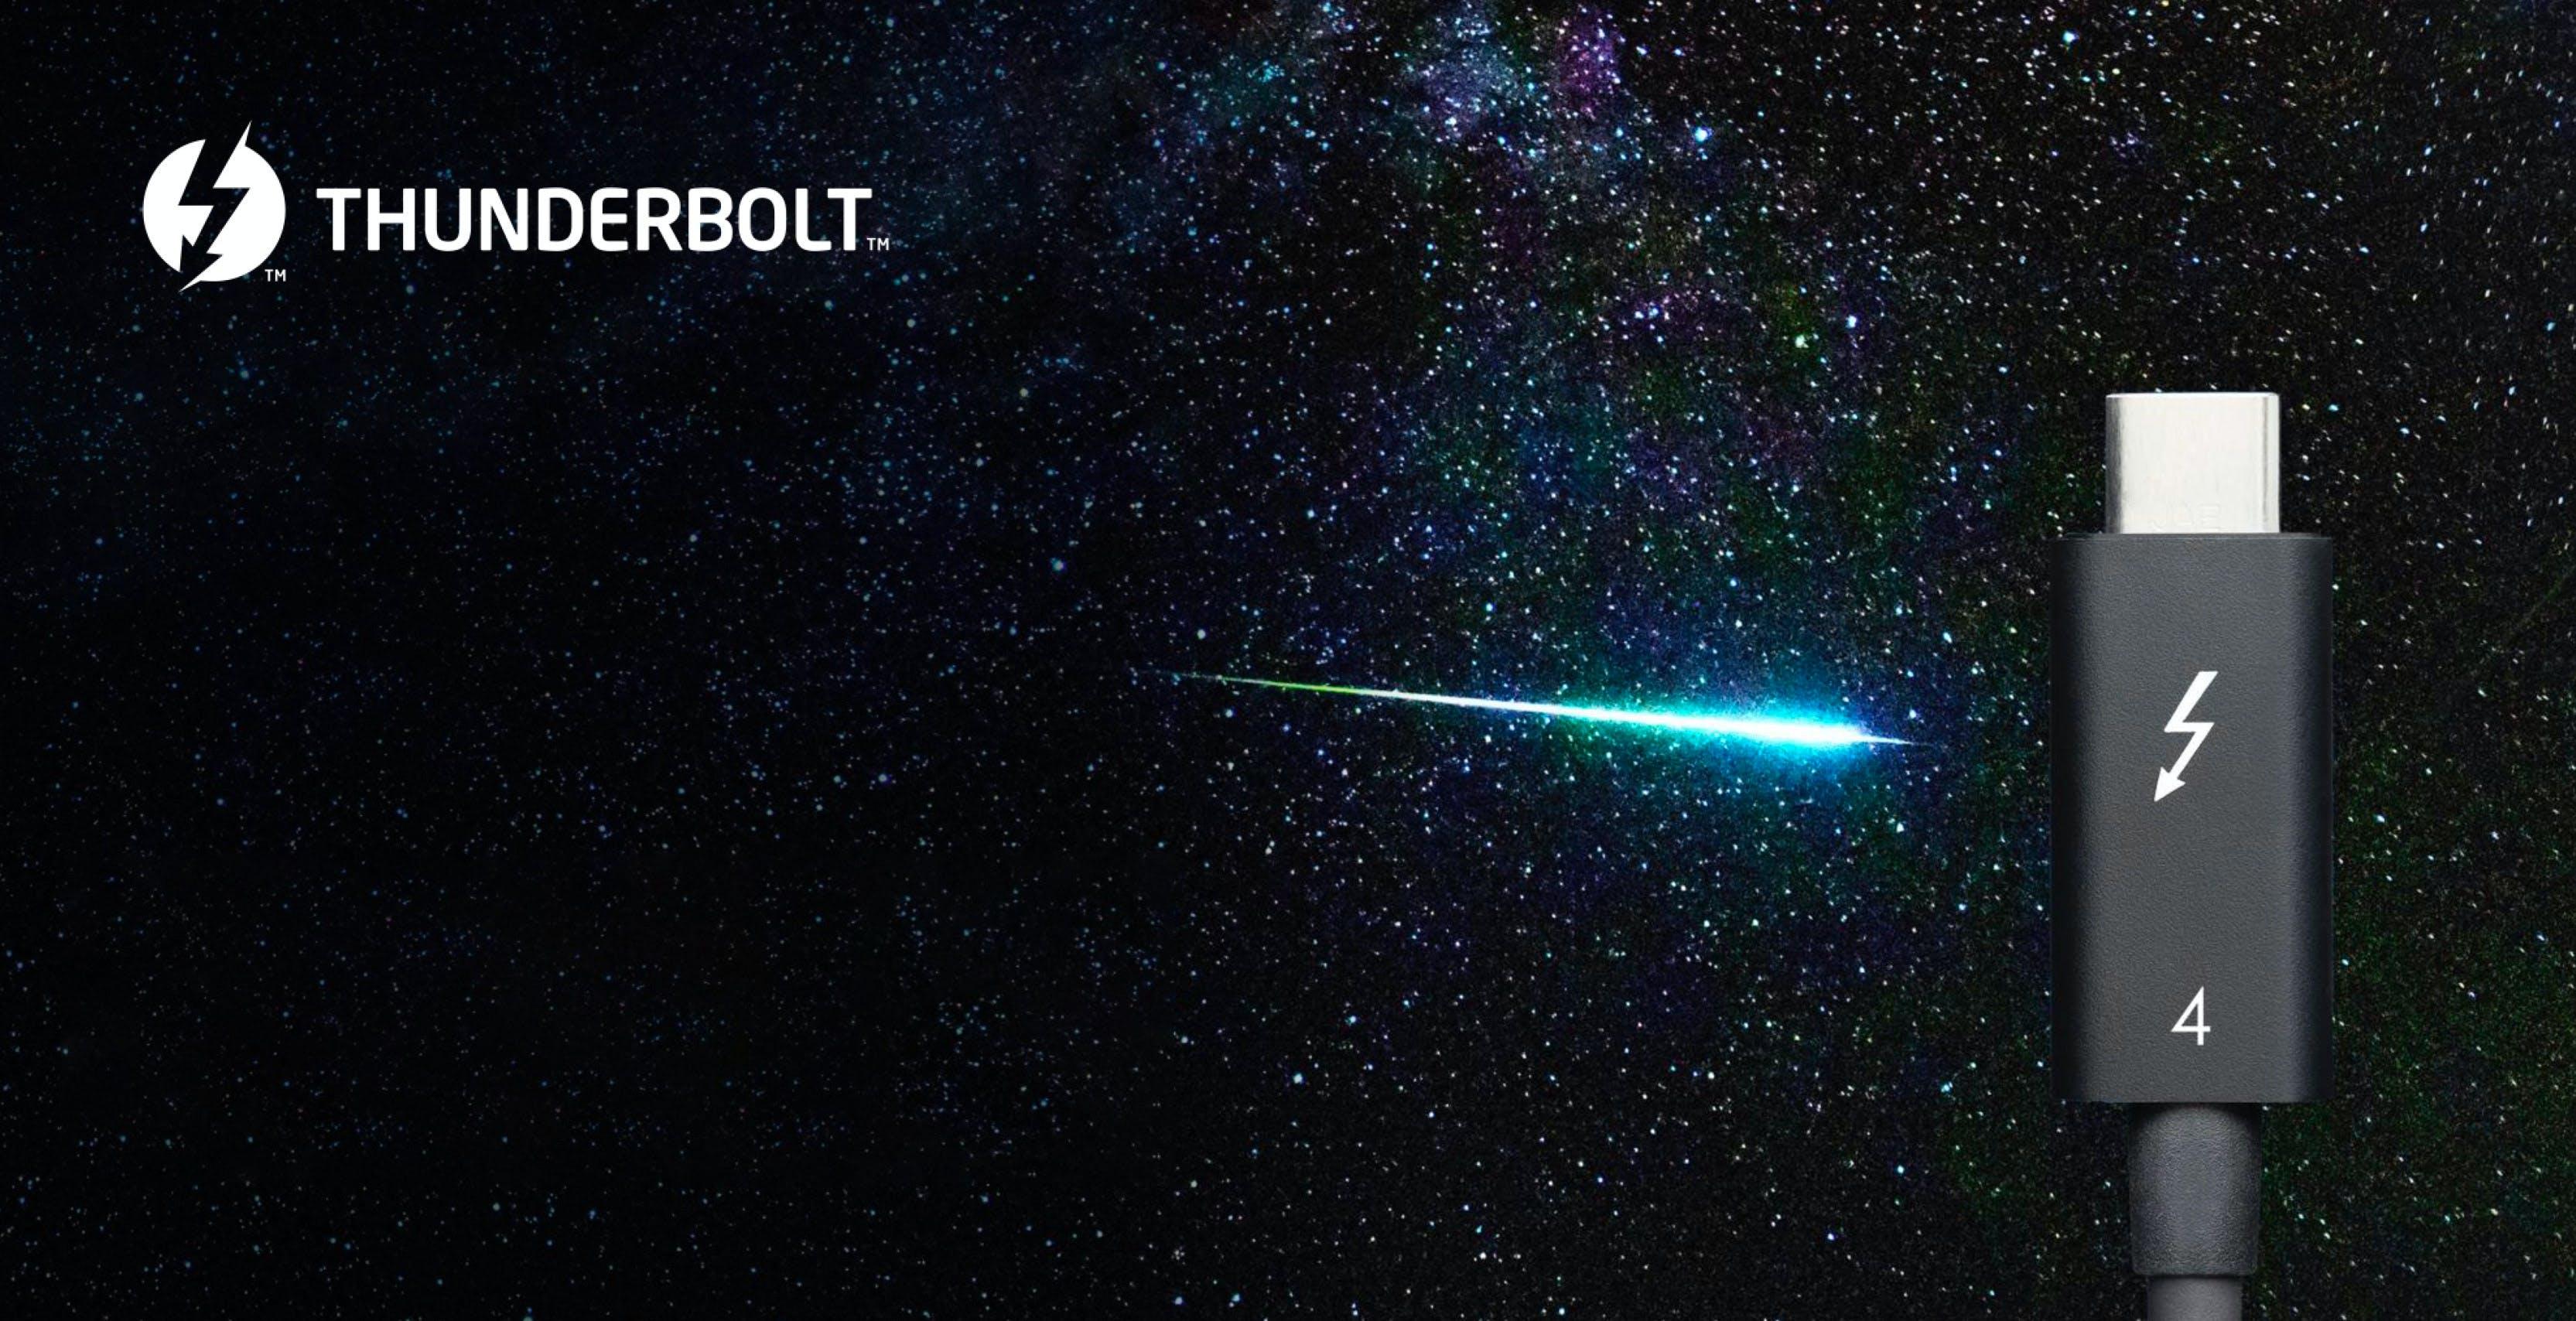 Thunderbolt 4, tutti i dettagli. Non sarà più esclusiva Intel: anche AMD e Apple potranno usarlo